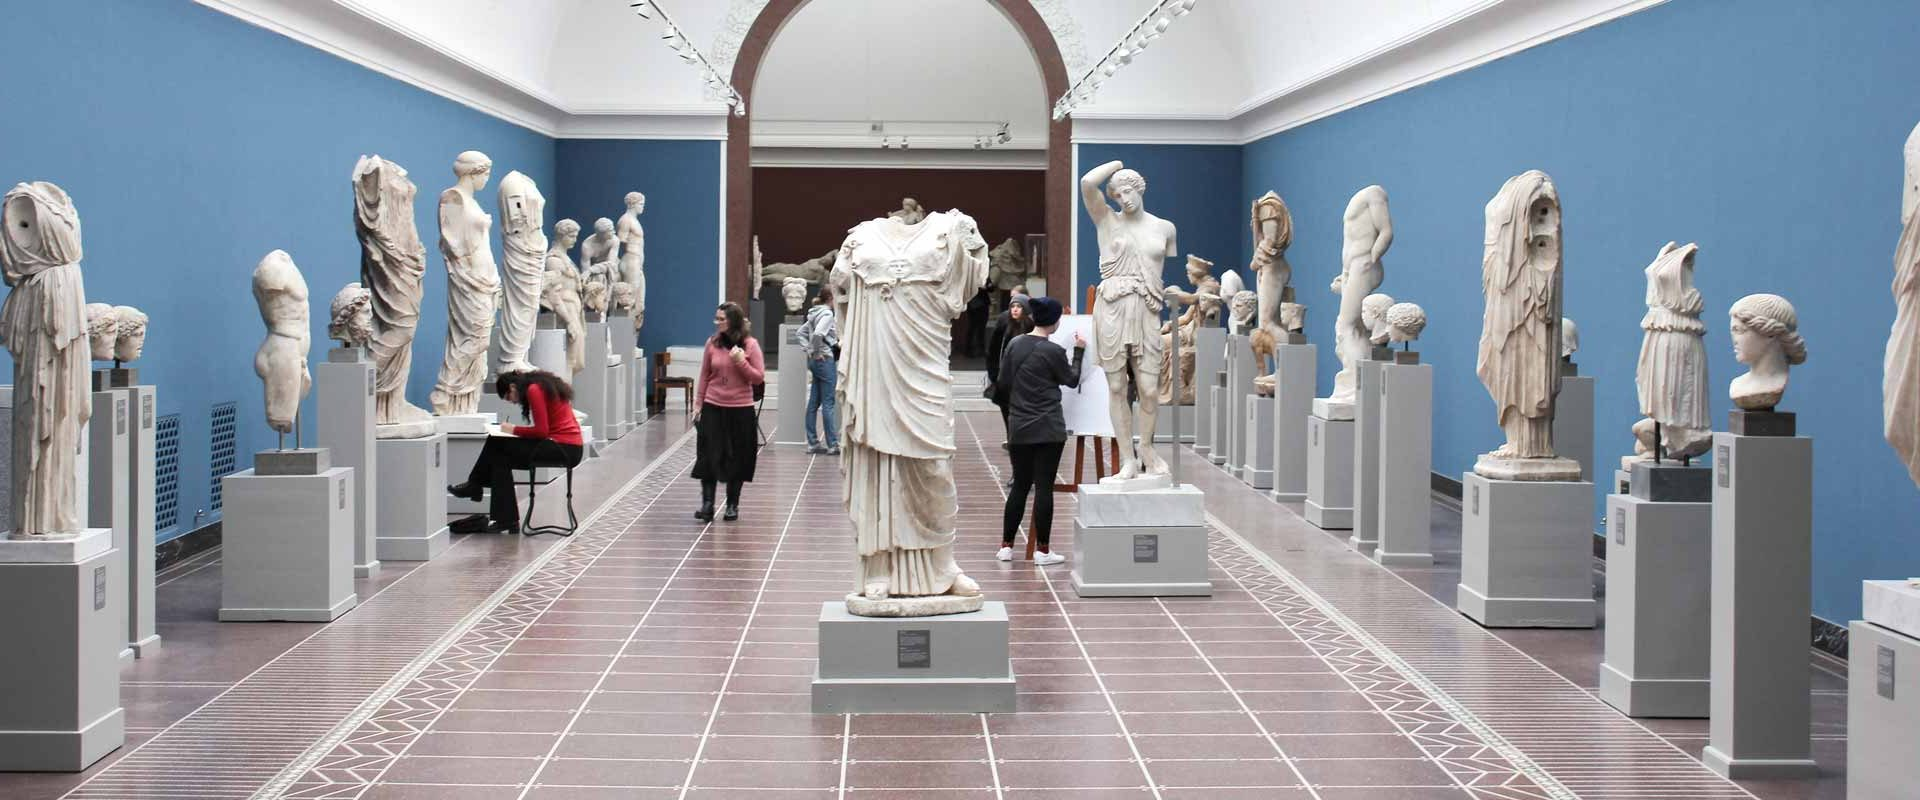 Ancient sculpture tour